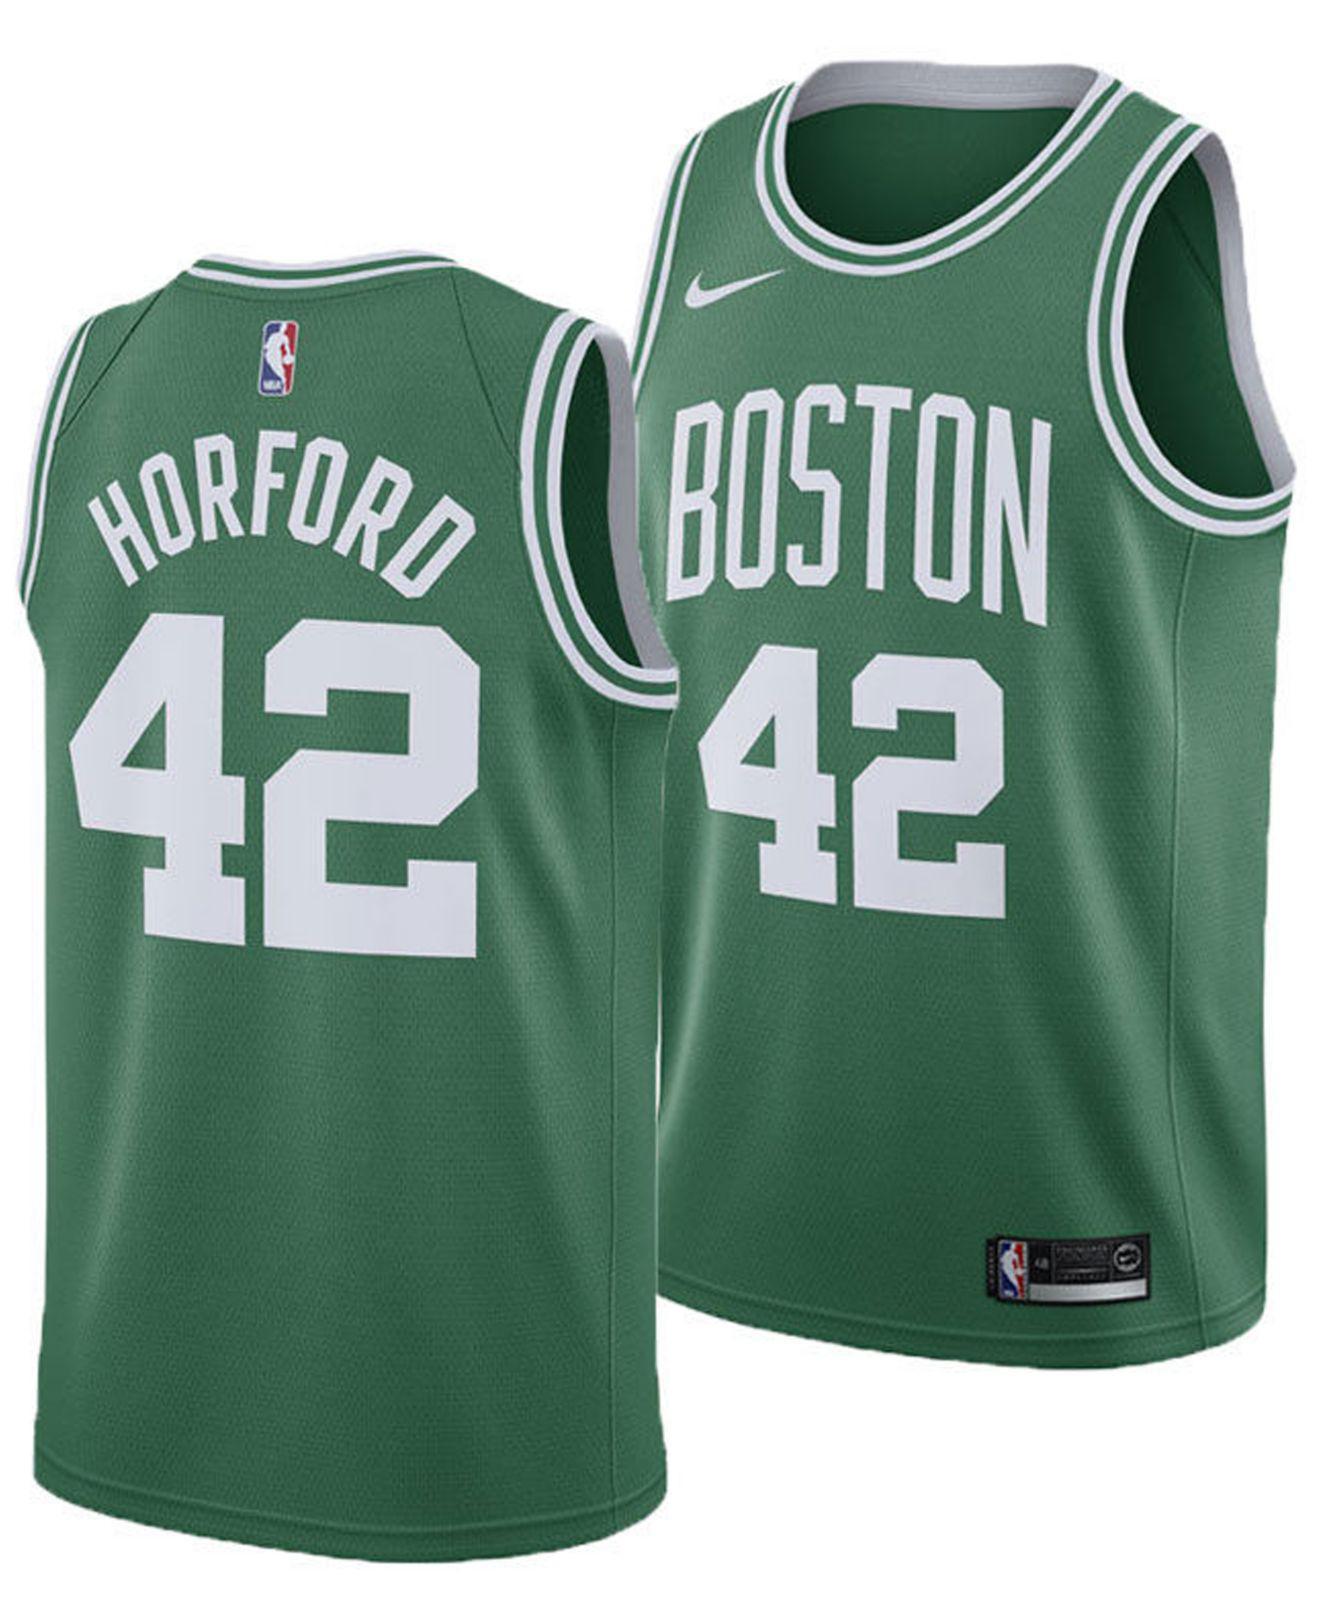 827fc80f36e Lyst - Nike Al Horford Boston Celtics Icon Swingman Jersey in Green ...